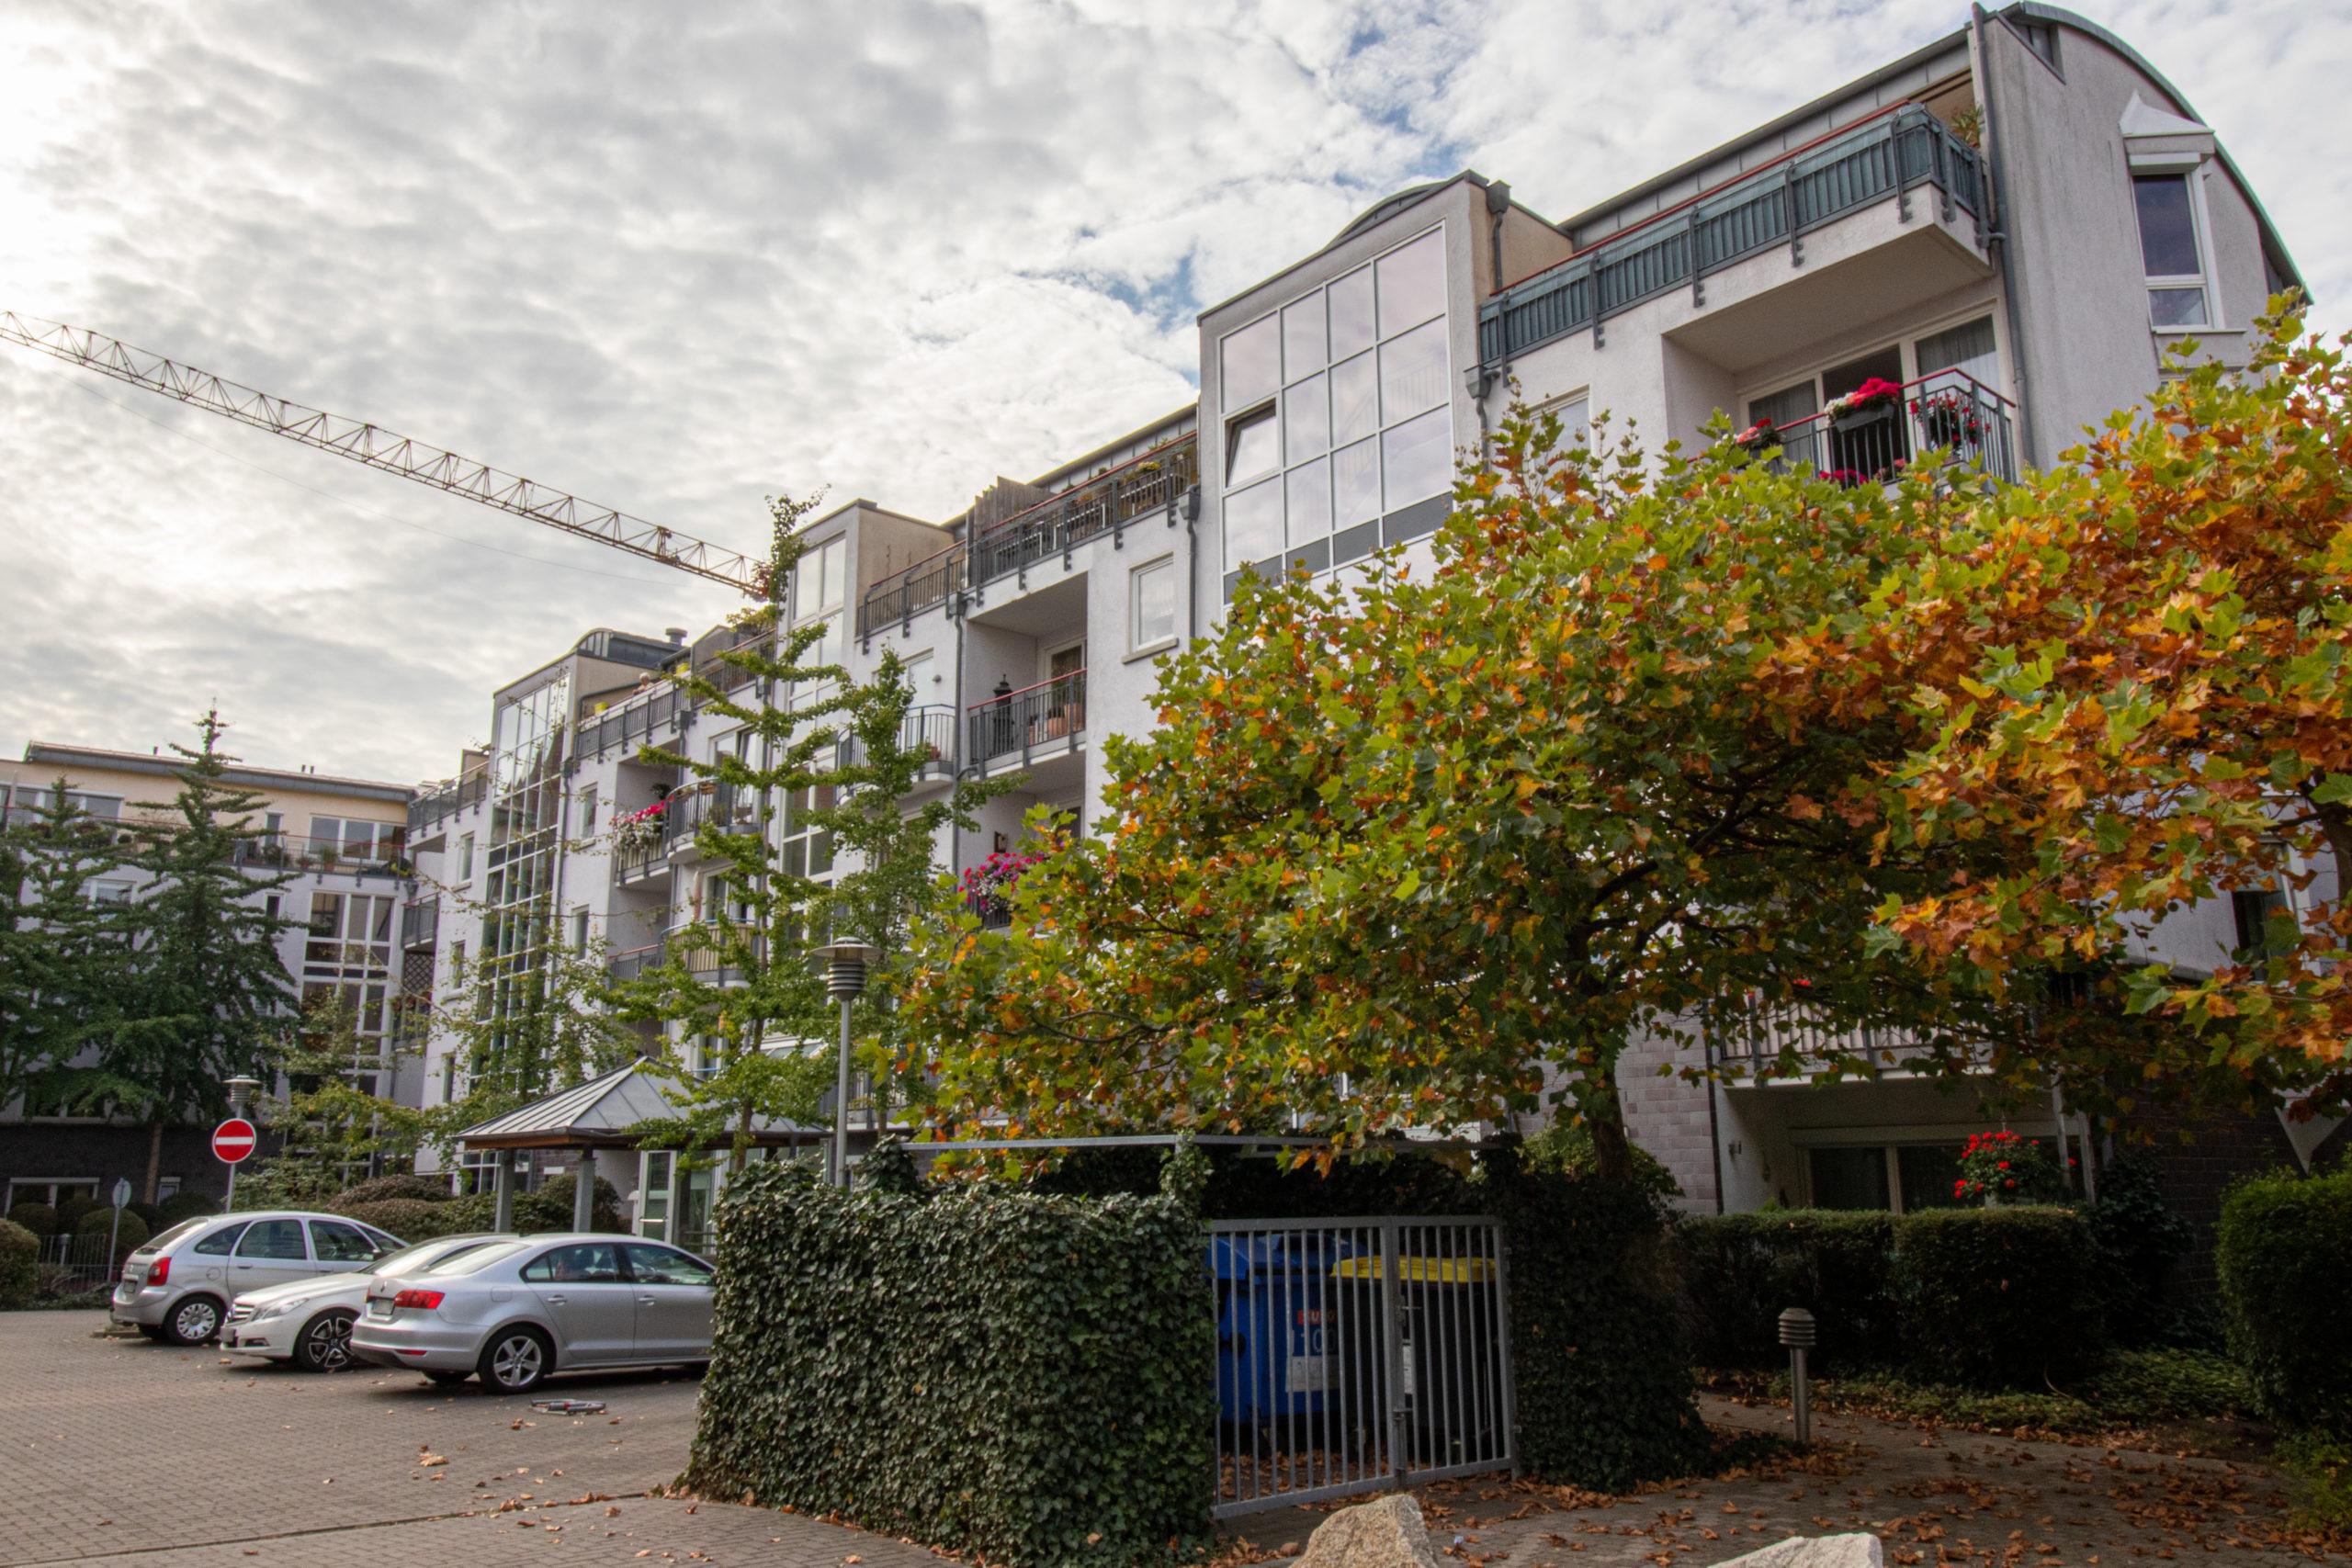 Sanierte 1-Zimmer-Wohnung zum Kauf in Magdeburg mit Elblage